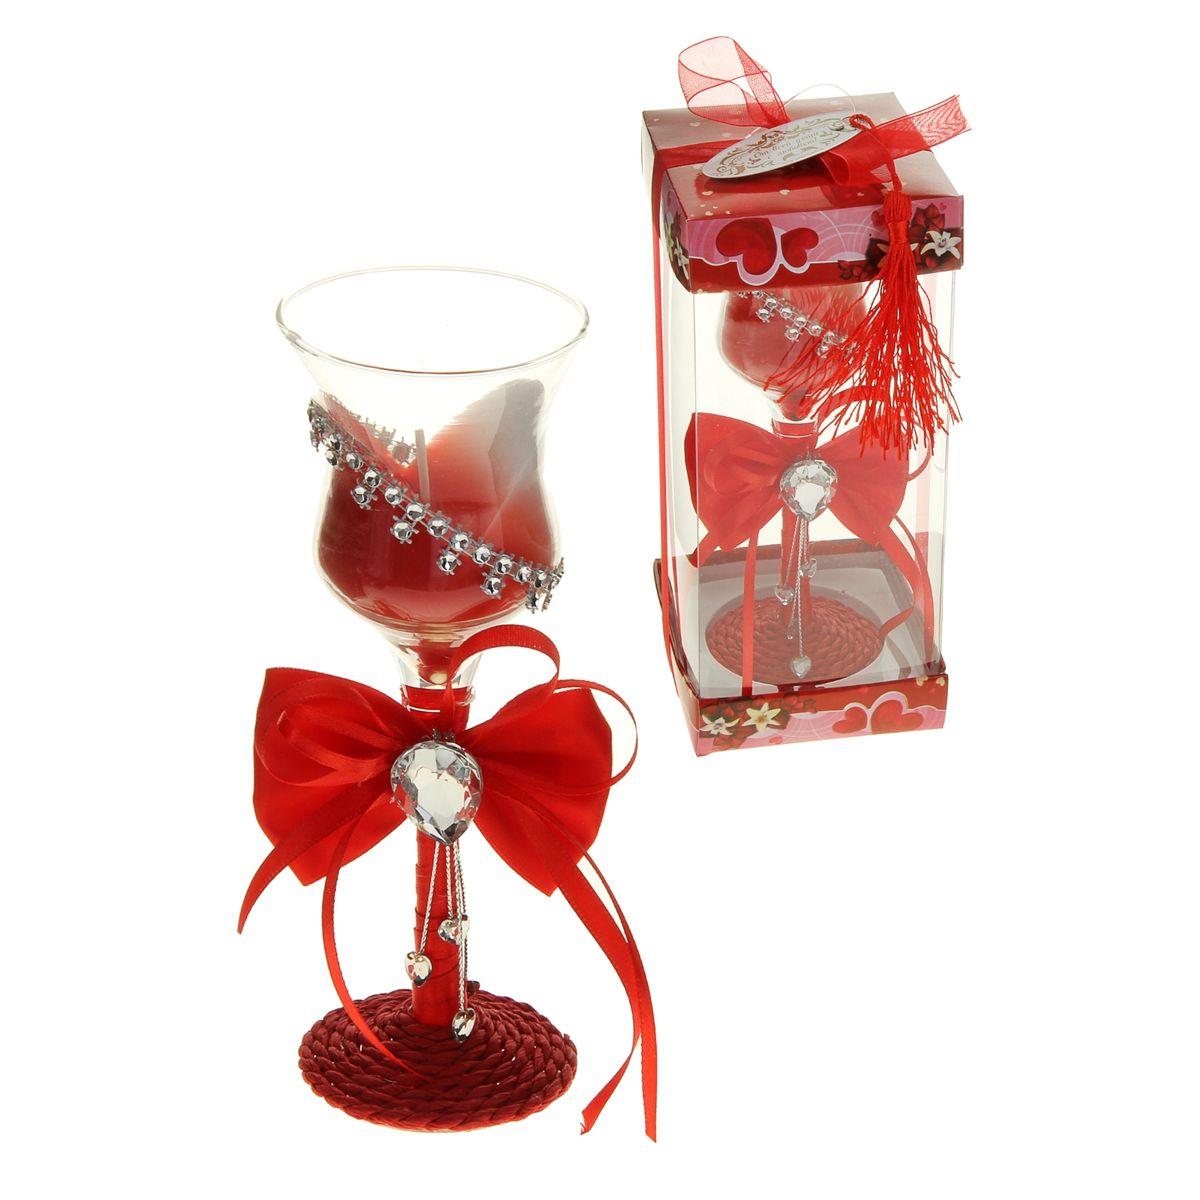 """Декоративная свеча Sima-land """"Наслаждение"""" изготовлена из воска и поставляется в подсвечнике в виде красивого фужера, оформленного текстильным бантом и стразами.  Такая свеча может стать отличным подарком или дополнить интерьер вашей комнаты."""